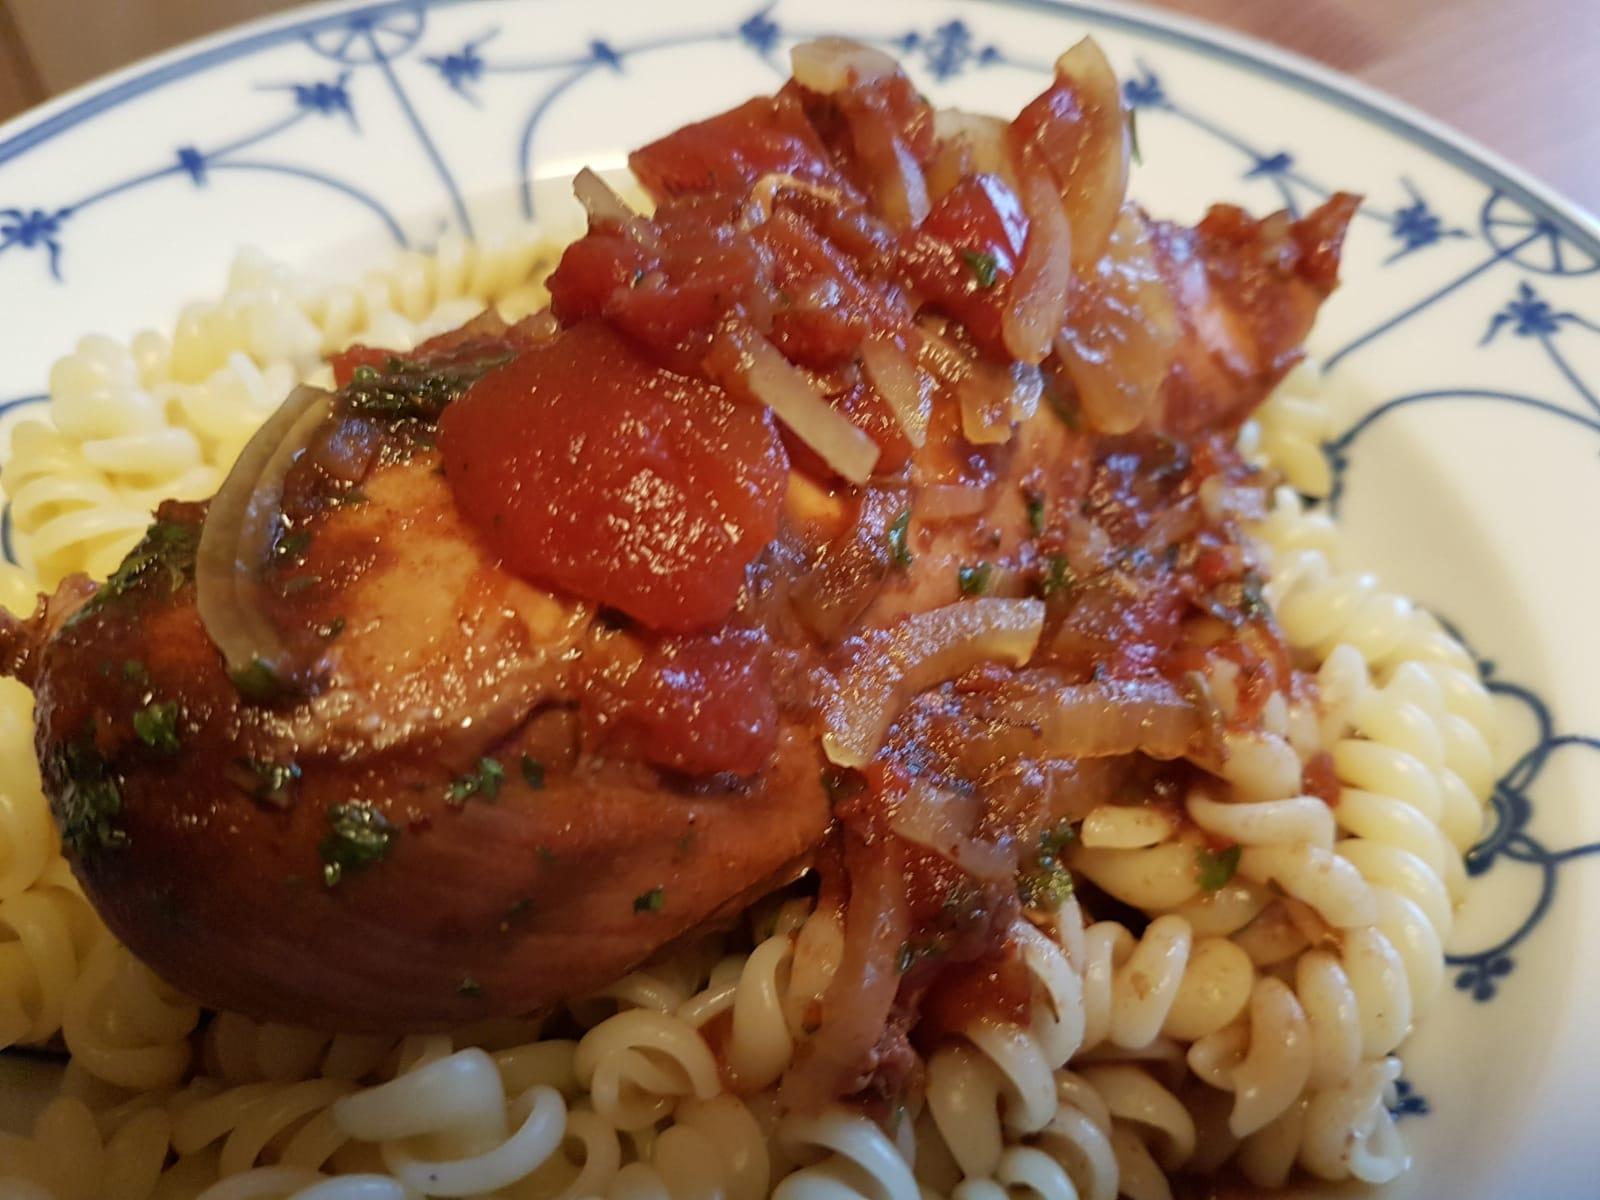 Italienisches Balsamico Hähnchen aus dem Slow Cooker. Lecker, einfach und schnell zubereitetes Essen. Perfekt geeignet für Berufstätige.